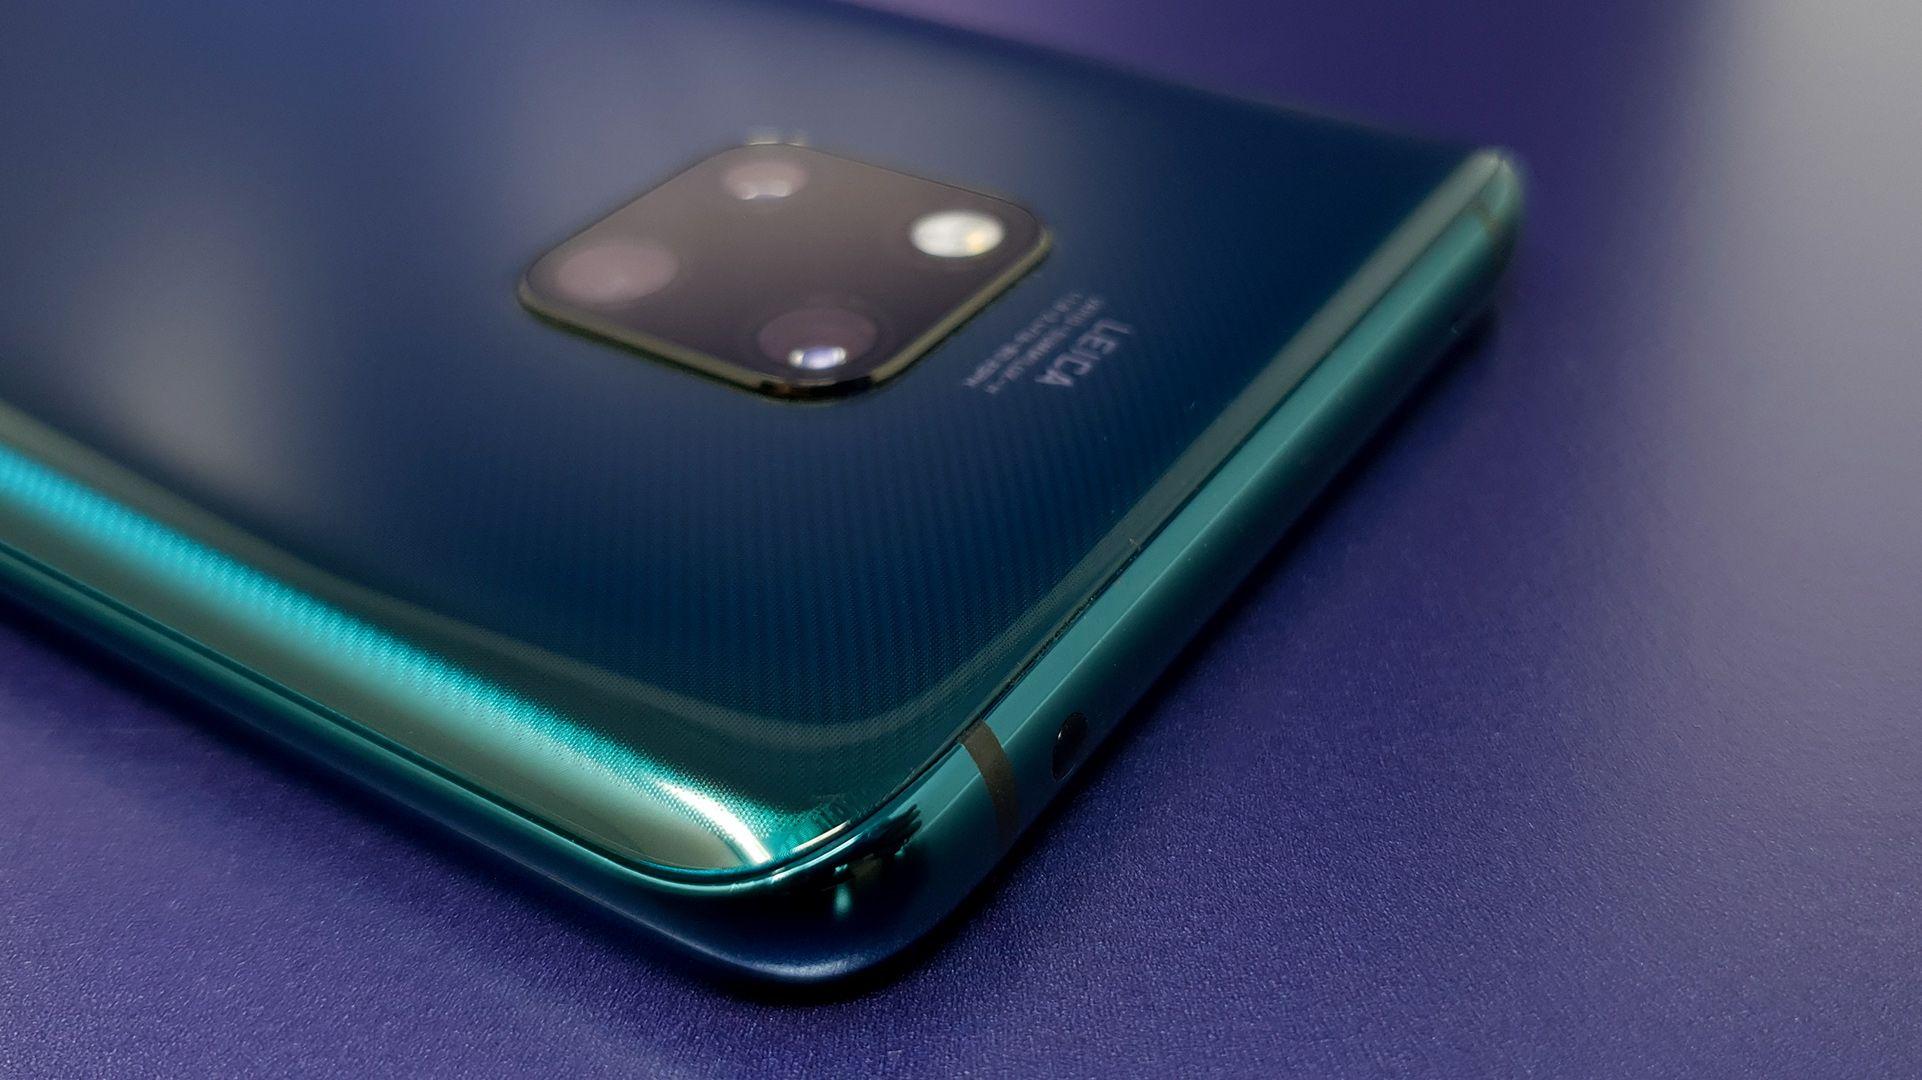 Huawei Mate 20 PRO: nuove info sull'AI, funzione HiVision ...